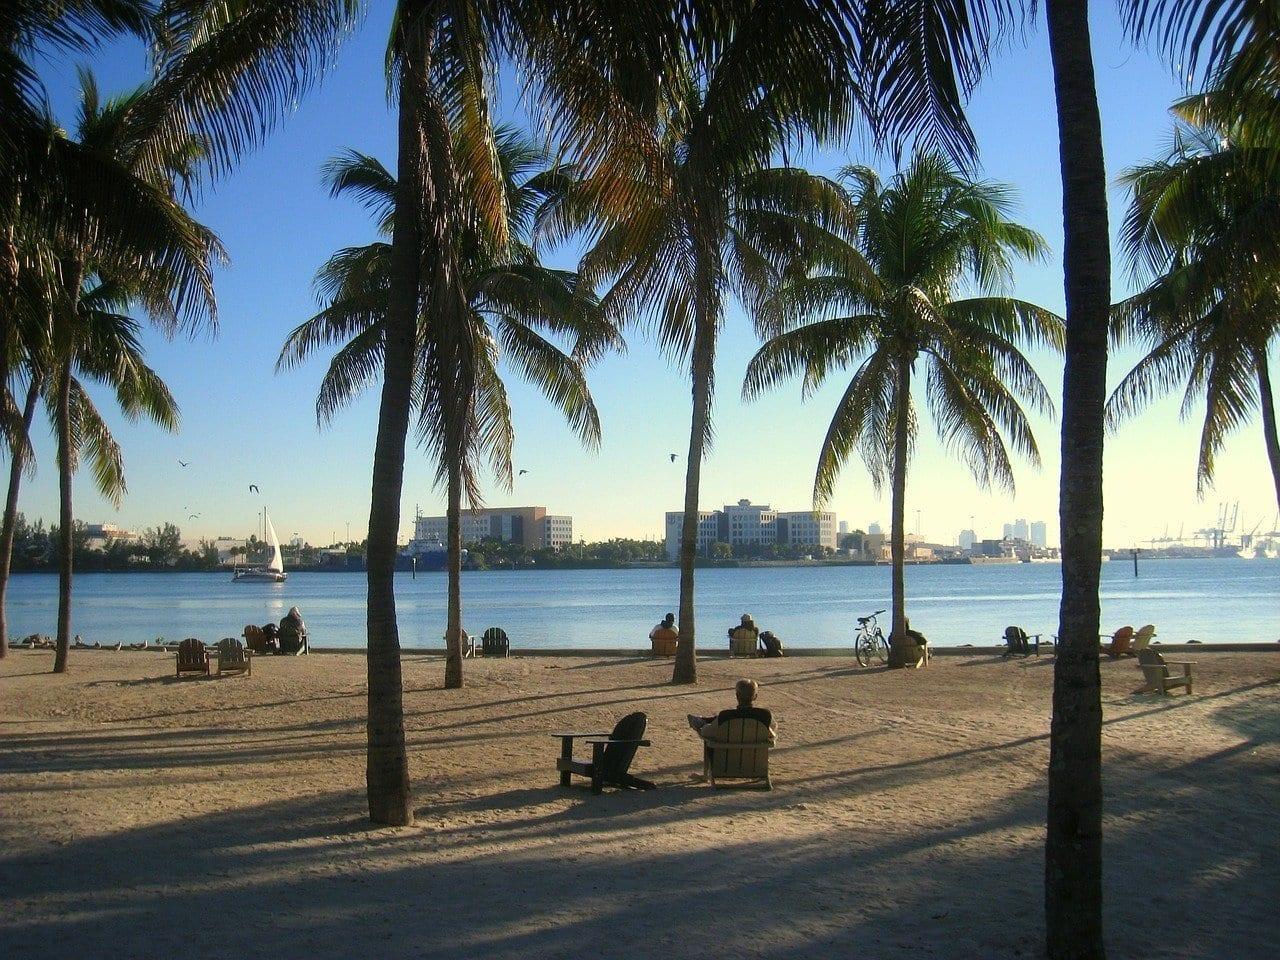 south florida, miami, miami beach